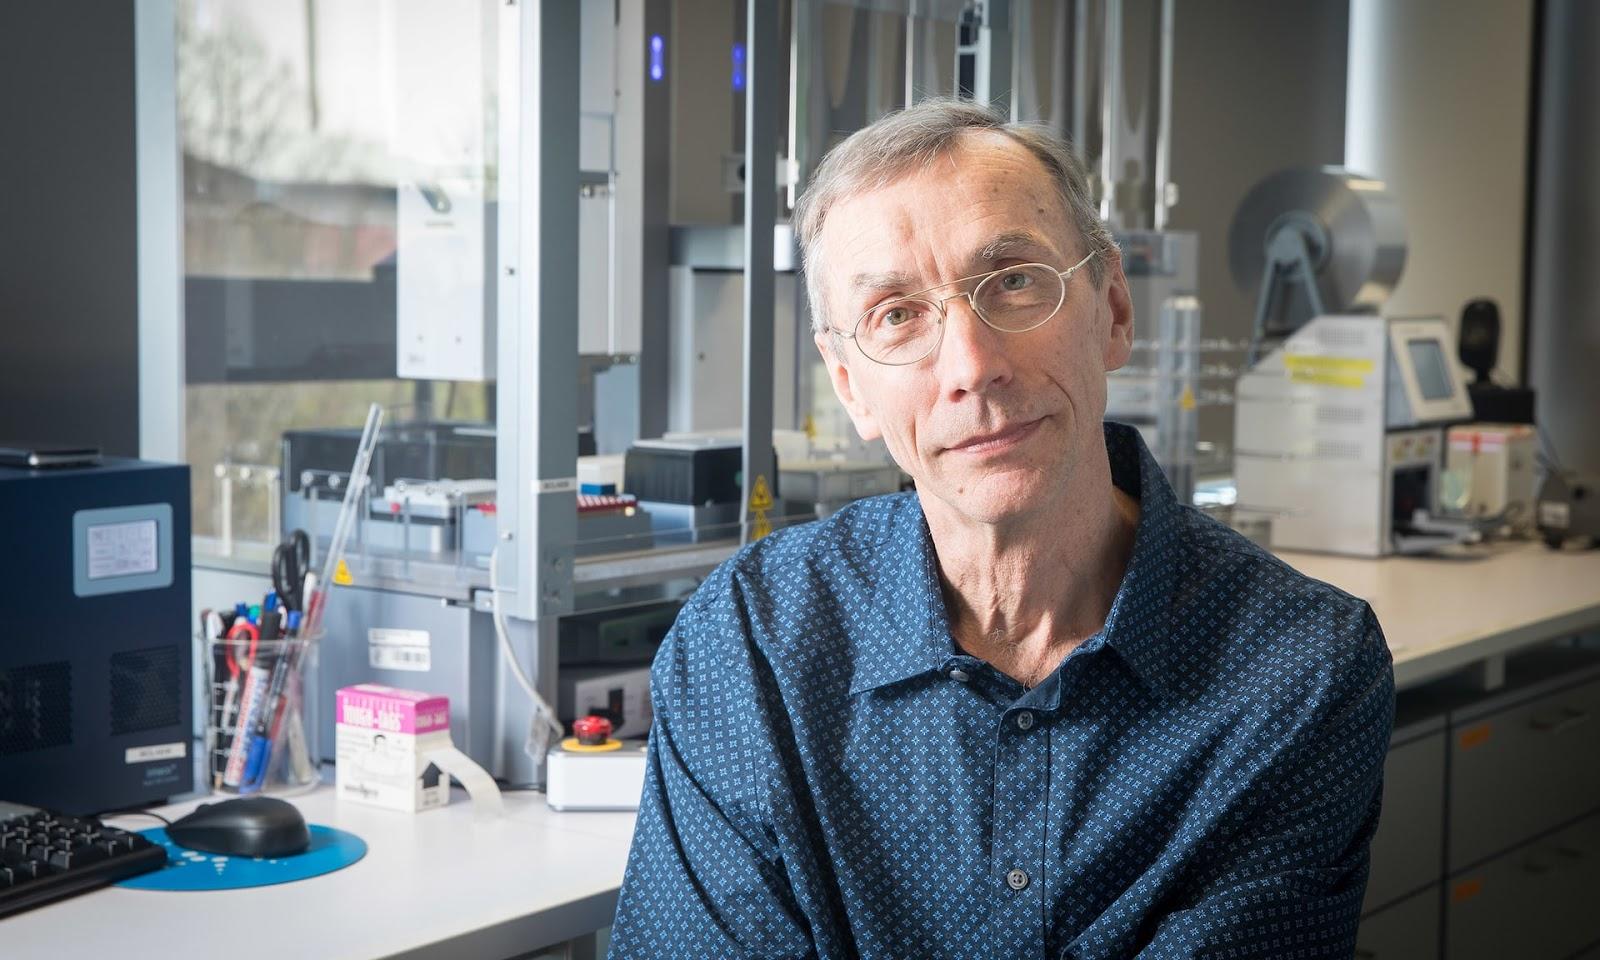 El profesor Svante Pääbo, director del genética evolutiva en el Instituto Max Planck Institute de Antropología Evolutiva. Foto: Christian Jungeblodt